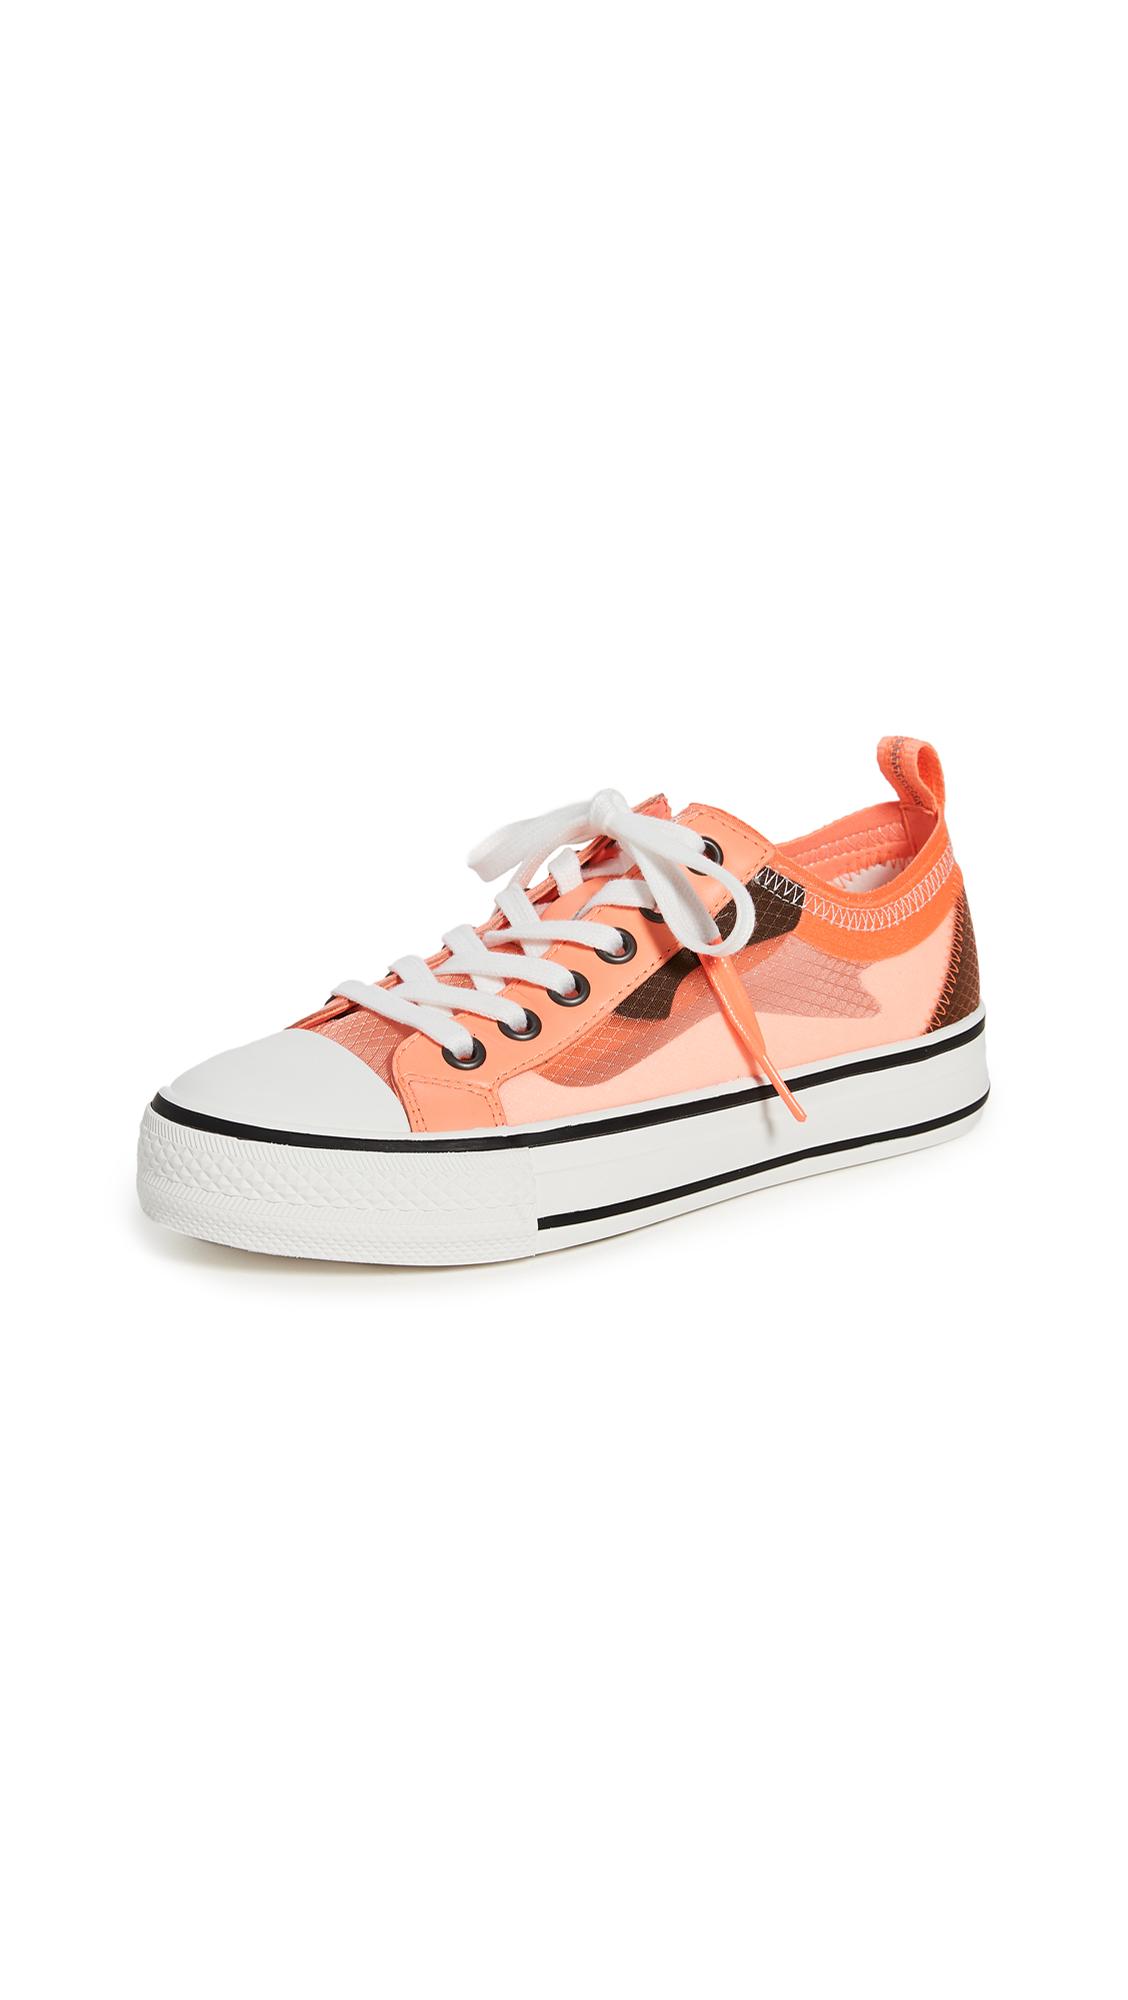 Buy Ash Vertu Sneakers online, shop Ash